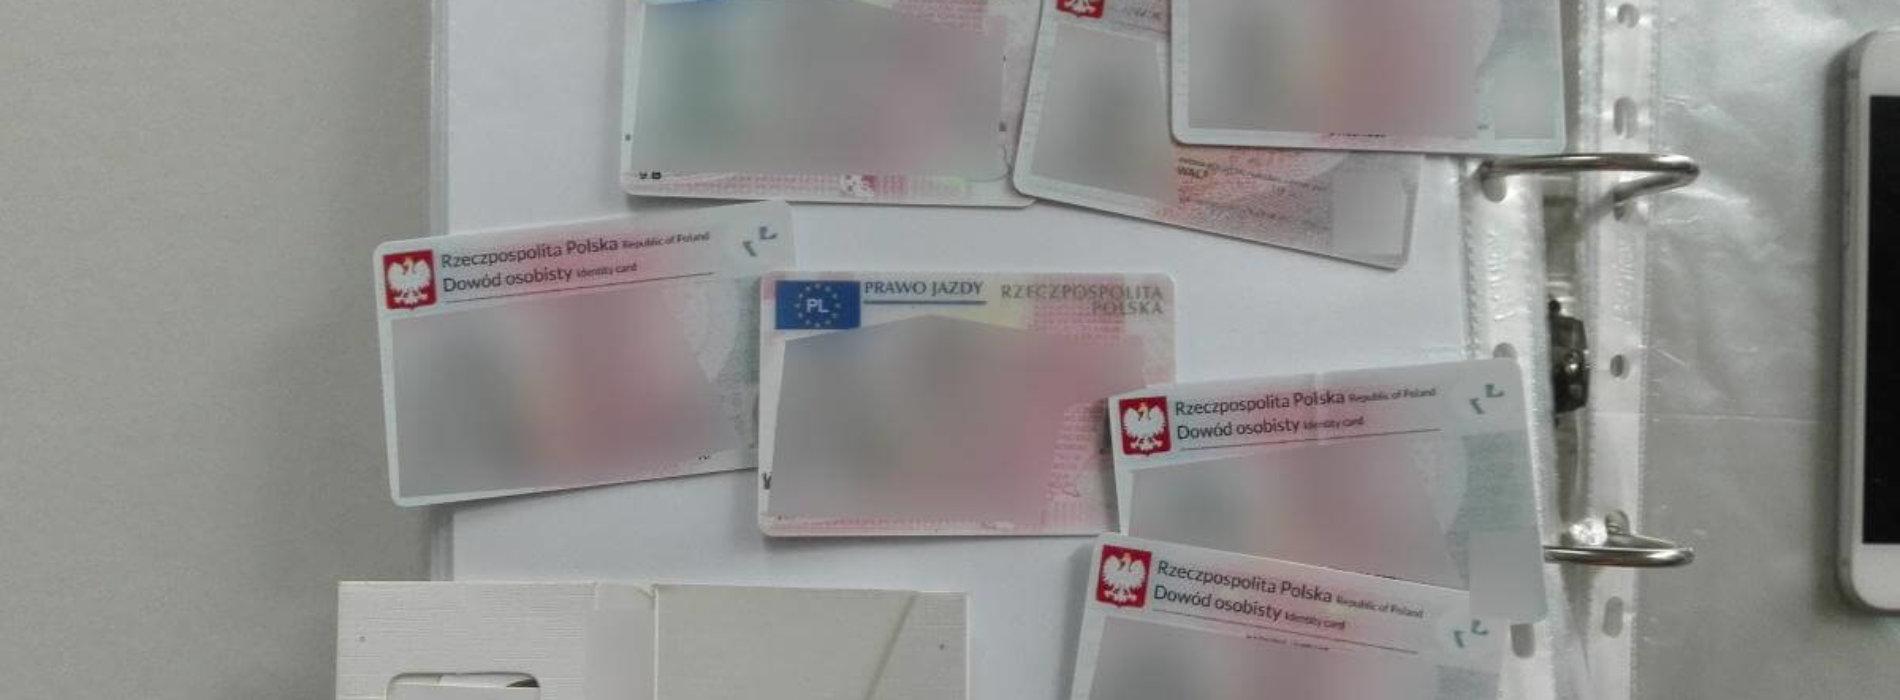 """Zatrzymano 4 oszustów działających metodą """"na prezesa"""" i dokonujących wyłudzeń kredytów. Od dwóch małopolskich firm próbowali wyłudzić 985 000 $ i 985 000 Euro"""